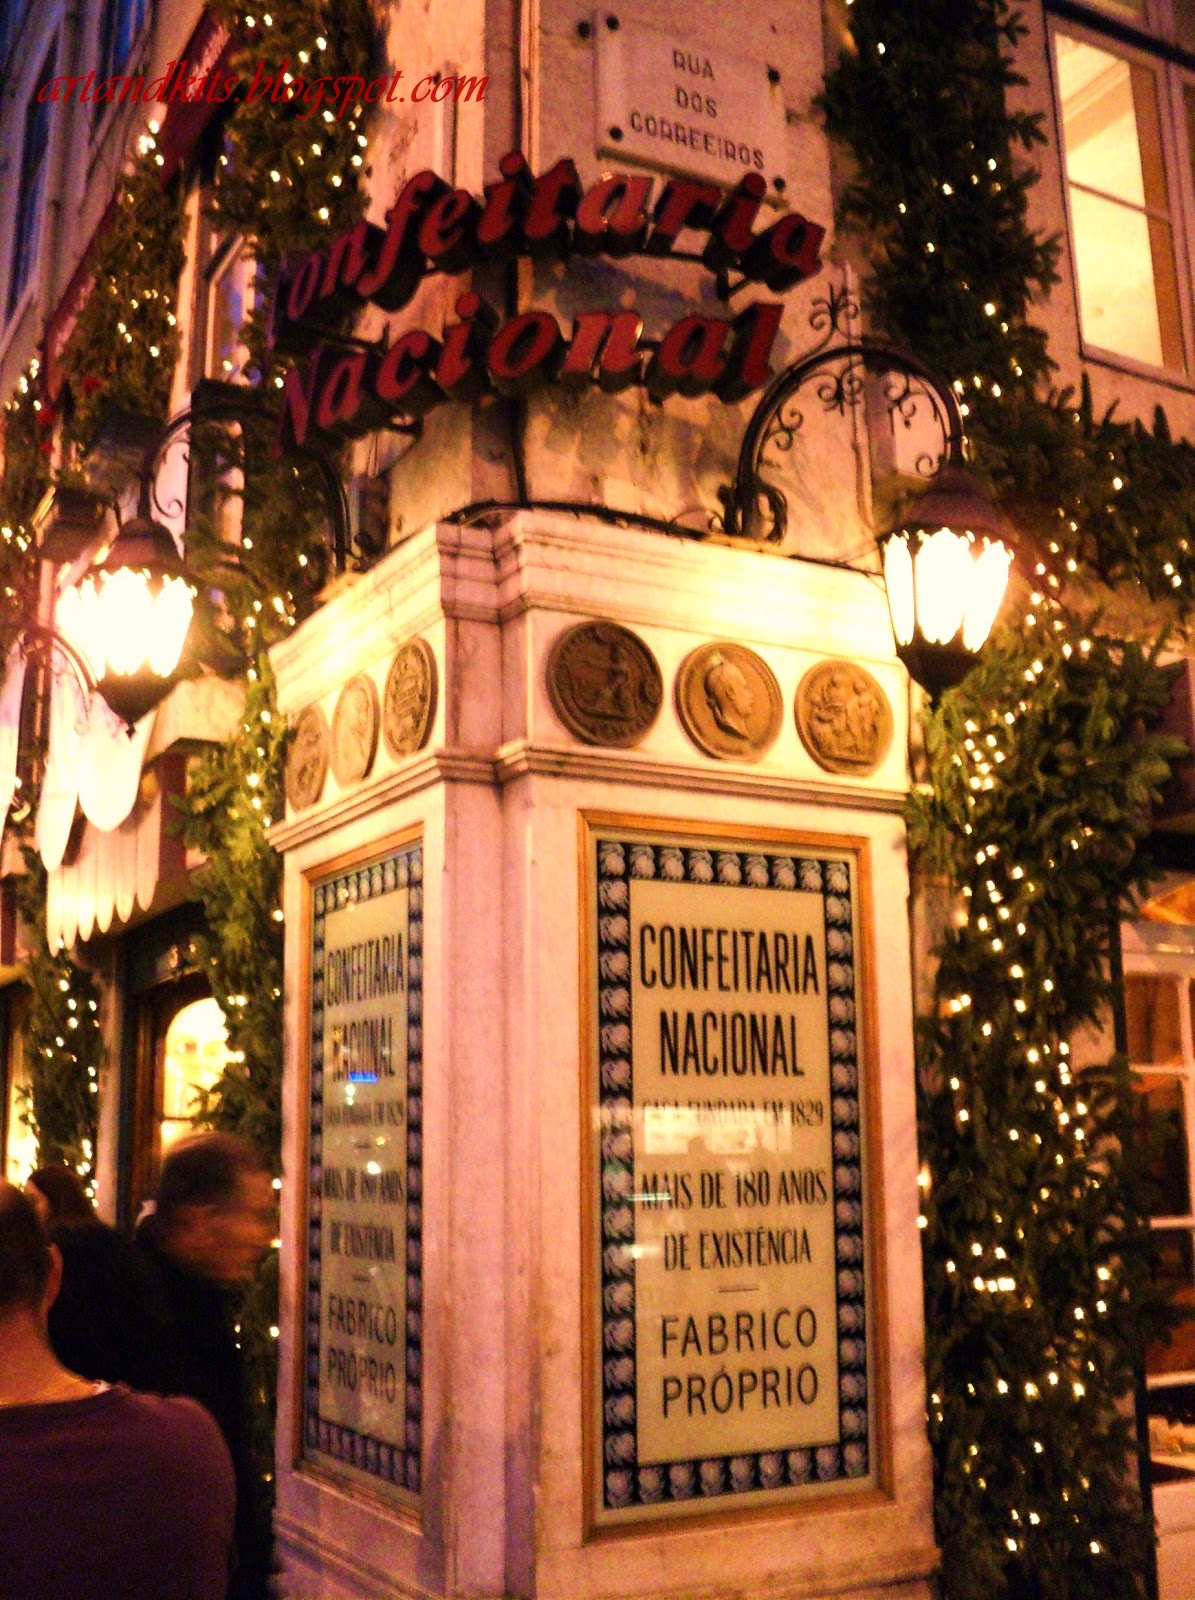 Parece que ainda foi ontem... e eis que já está por aí, de volta... o Natal! Estará por aí a chegar, com a sua habitual azáfama nas ruas, decorações da época... e os imprescindíveis doces, tão típicos desta quadra festiva... / It seems that it was here just yesterday... and here it is, back again... Christmas! And here it is, by these days, with its usual bustle on the streets, with its own decorations... and with the indispensable goodies, so typical of this festive season...